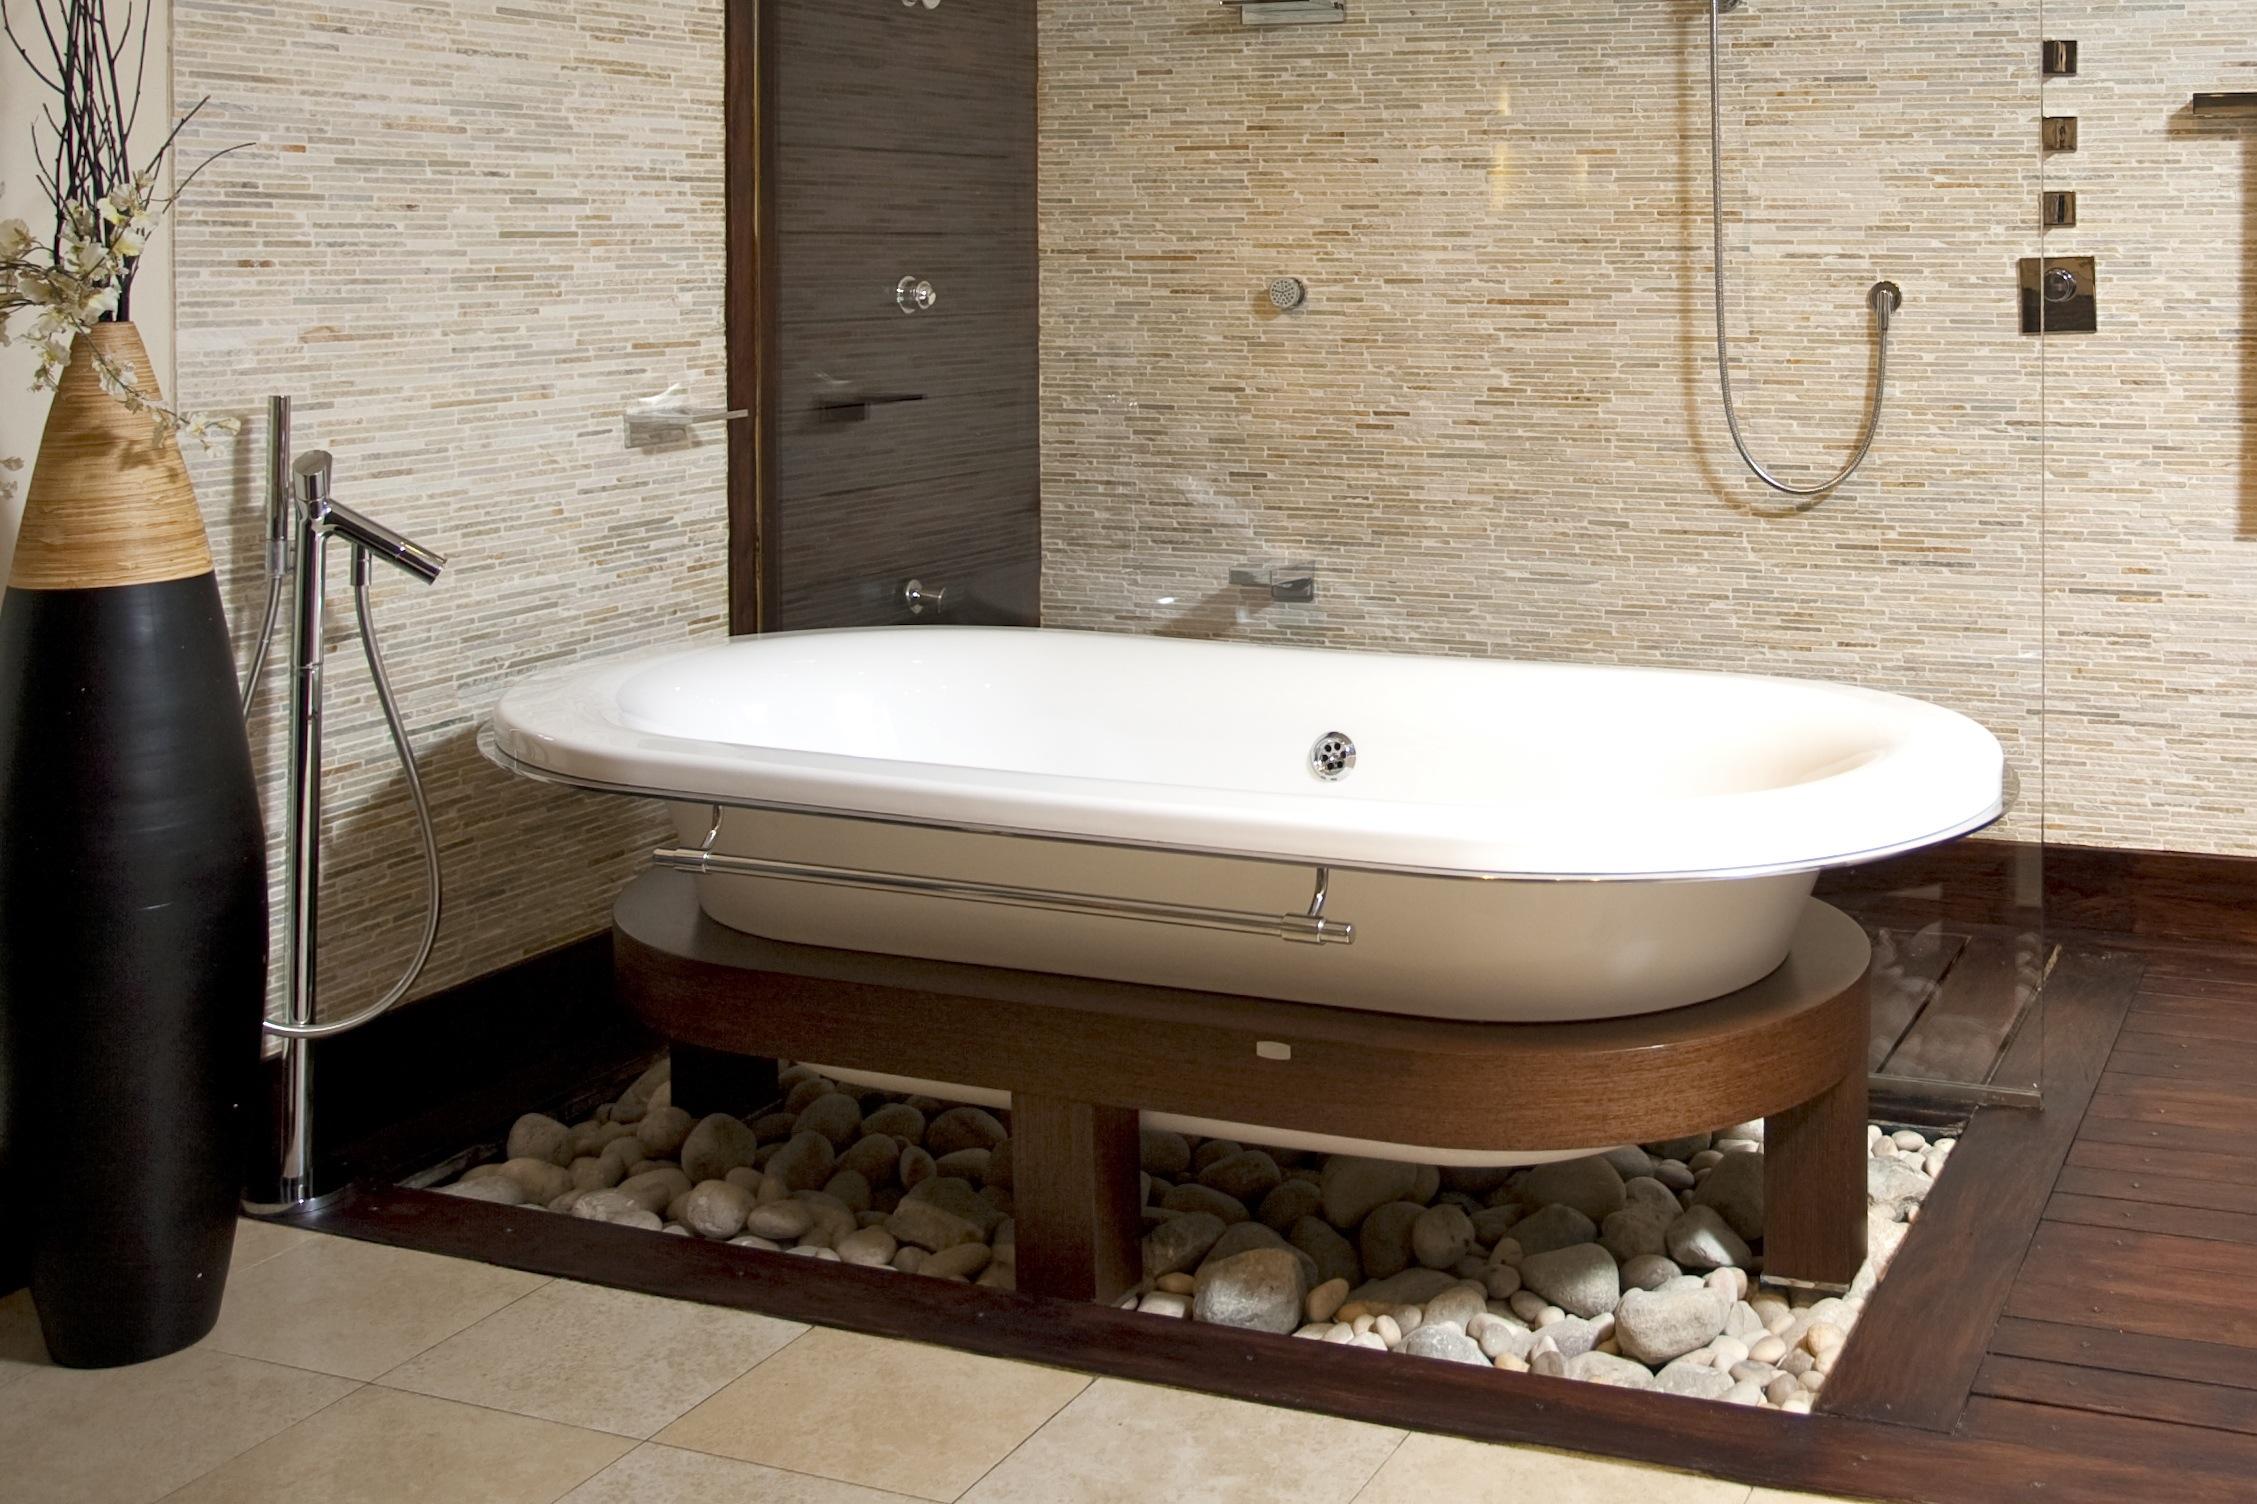 плитка для ванной комнаты фото дизайн мармион #5